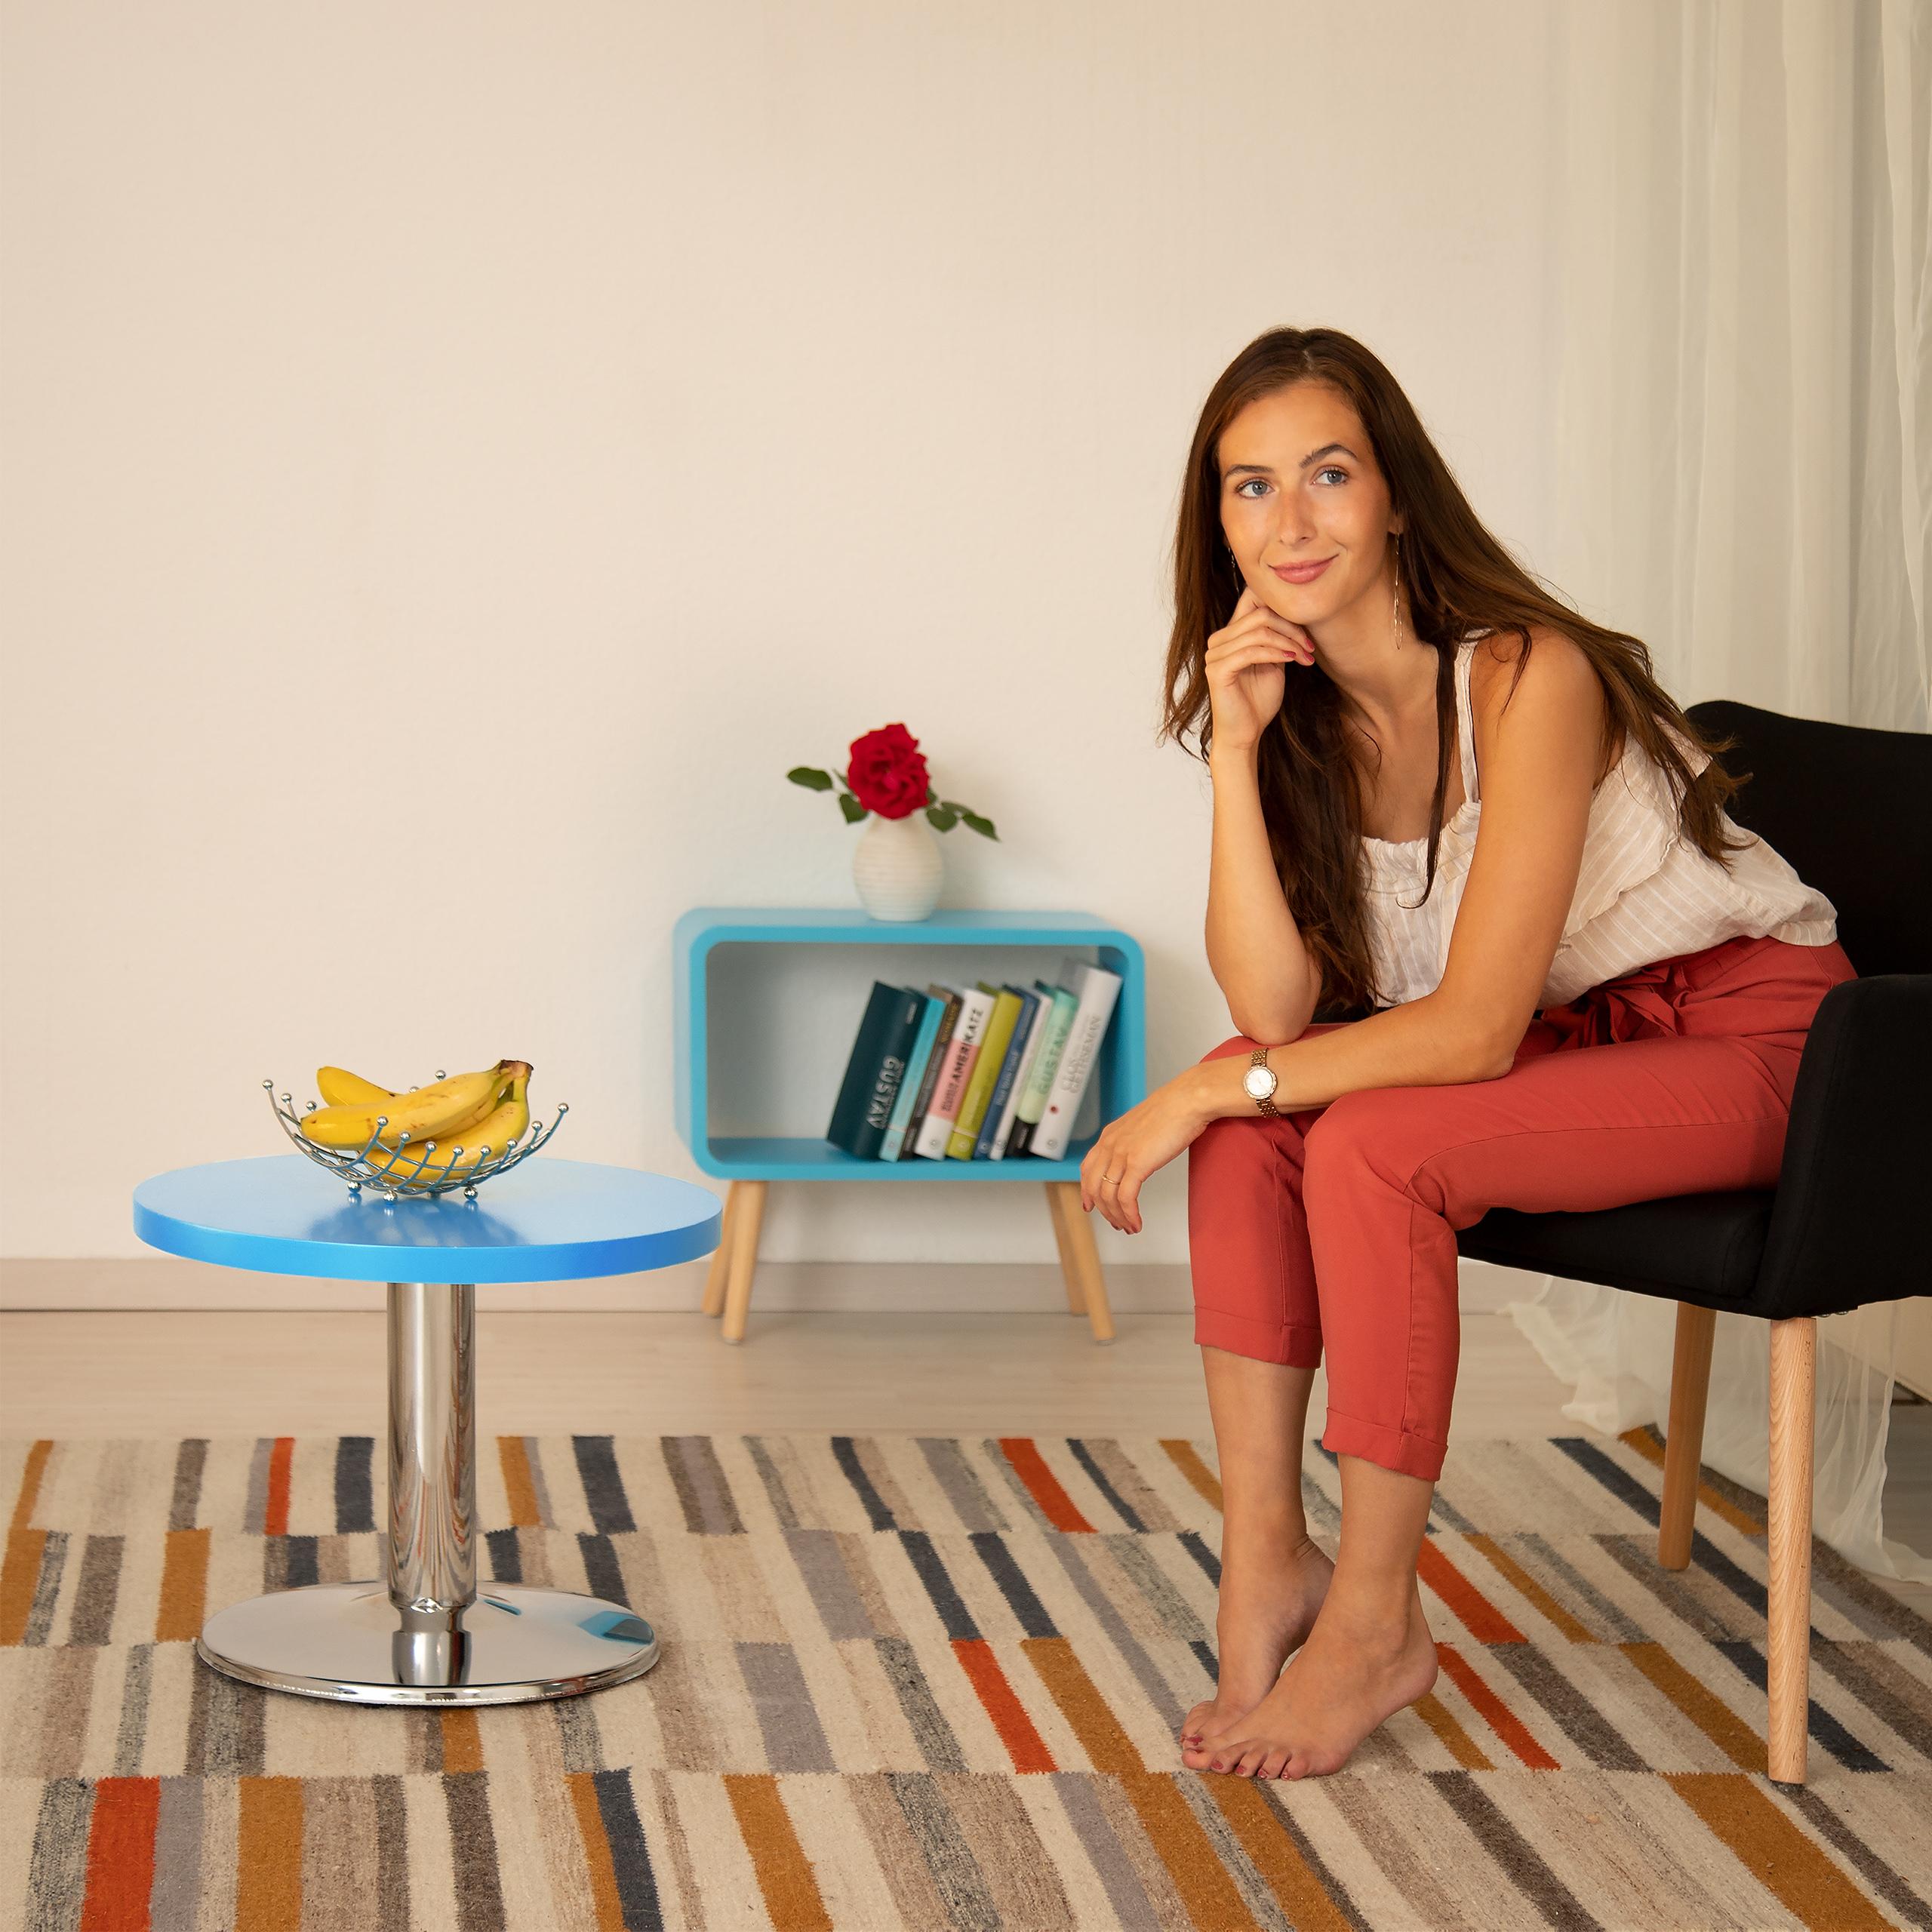 runder beistelltisch kleiner couchtisch farbiger kindertisch mdf und metall ebay. Black Bedroom Furniture Sets. Home Design Ideas